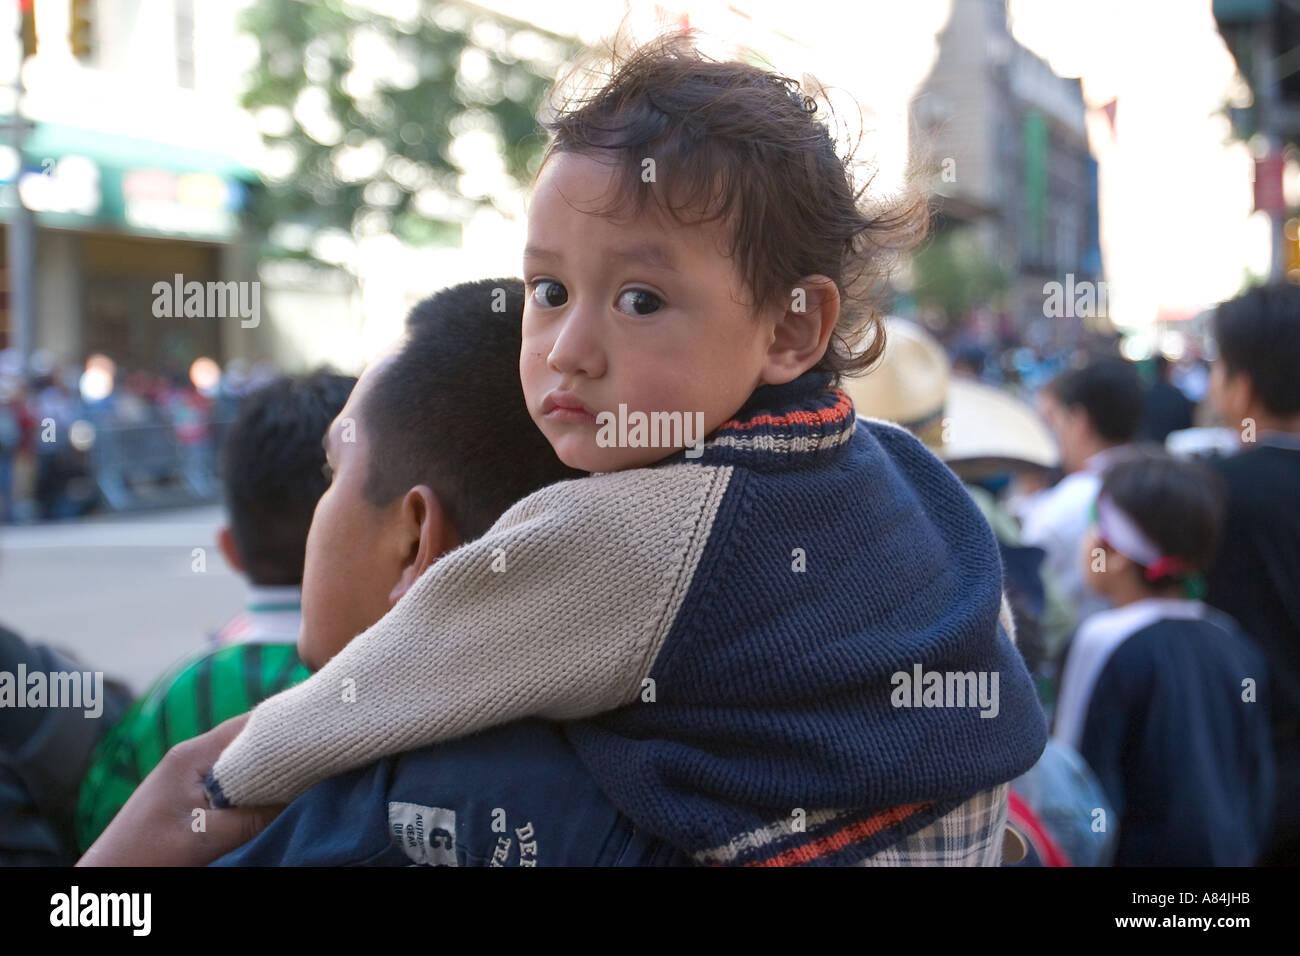 Mexican American junge mit seinem Vater bei der mexikanischen Independence Day Parade auf der Madison Avenue in New York City Stockbild